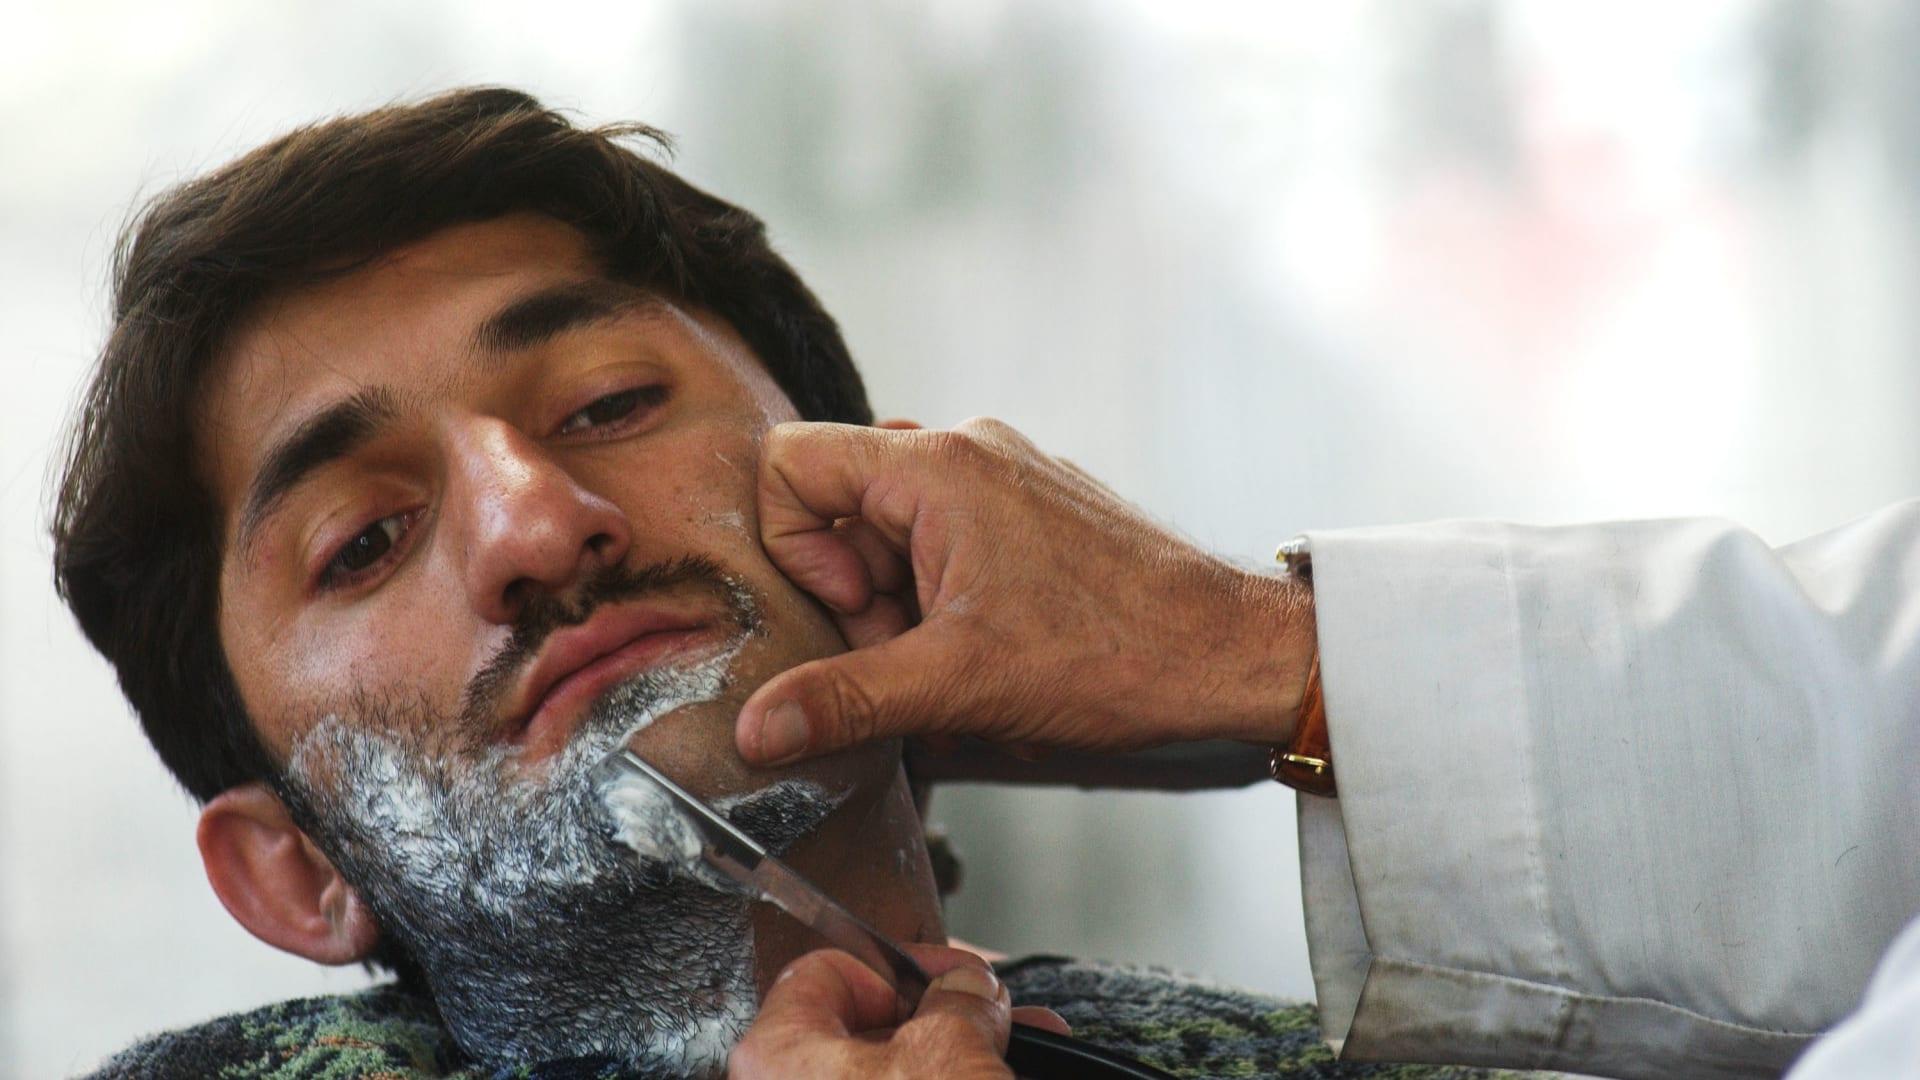 أفغانستان: طالبان تحظر على محلات الحلاقة حلق اللحى وتشغيل الموسيقى